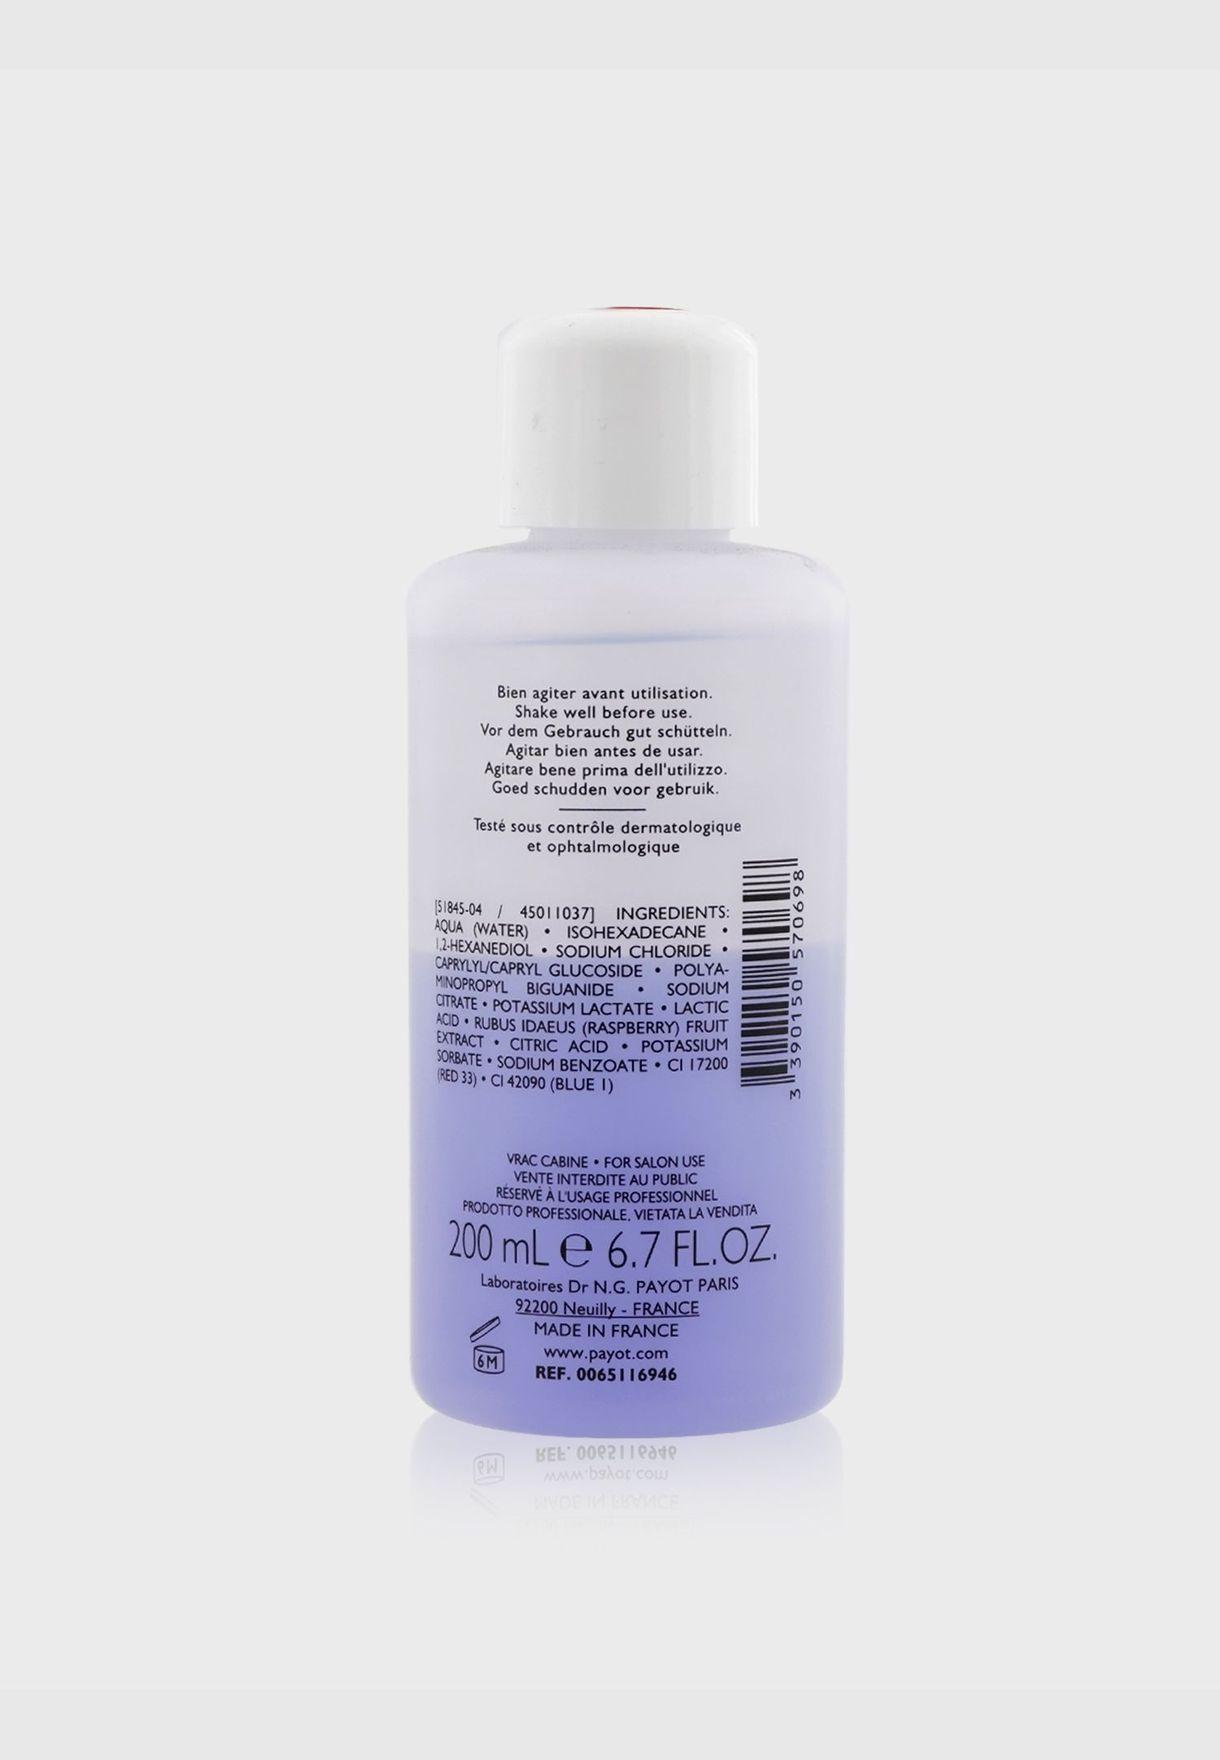 مزيل المكياج المضاد للماء ثنائي المرحلة Les Demaquillantes Demaquillant Instantane Yeux - لبشرة العيون الحساسة (حجم صالو،)